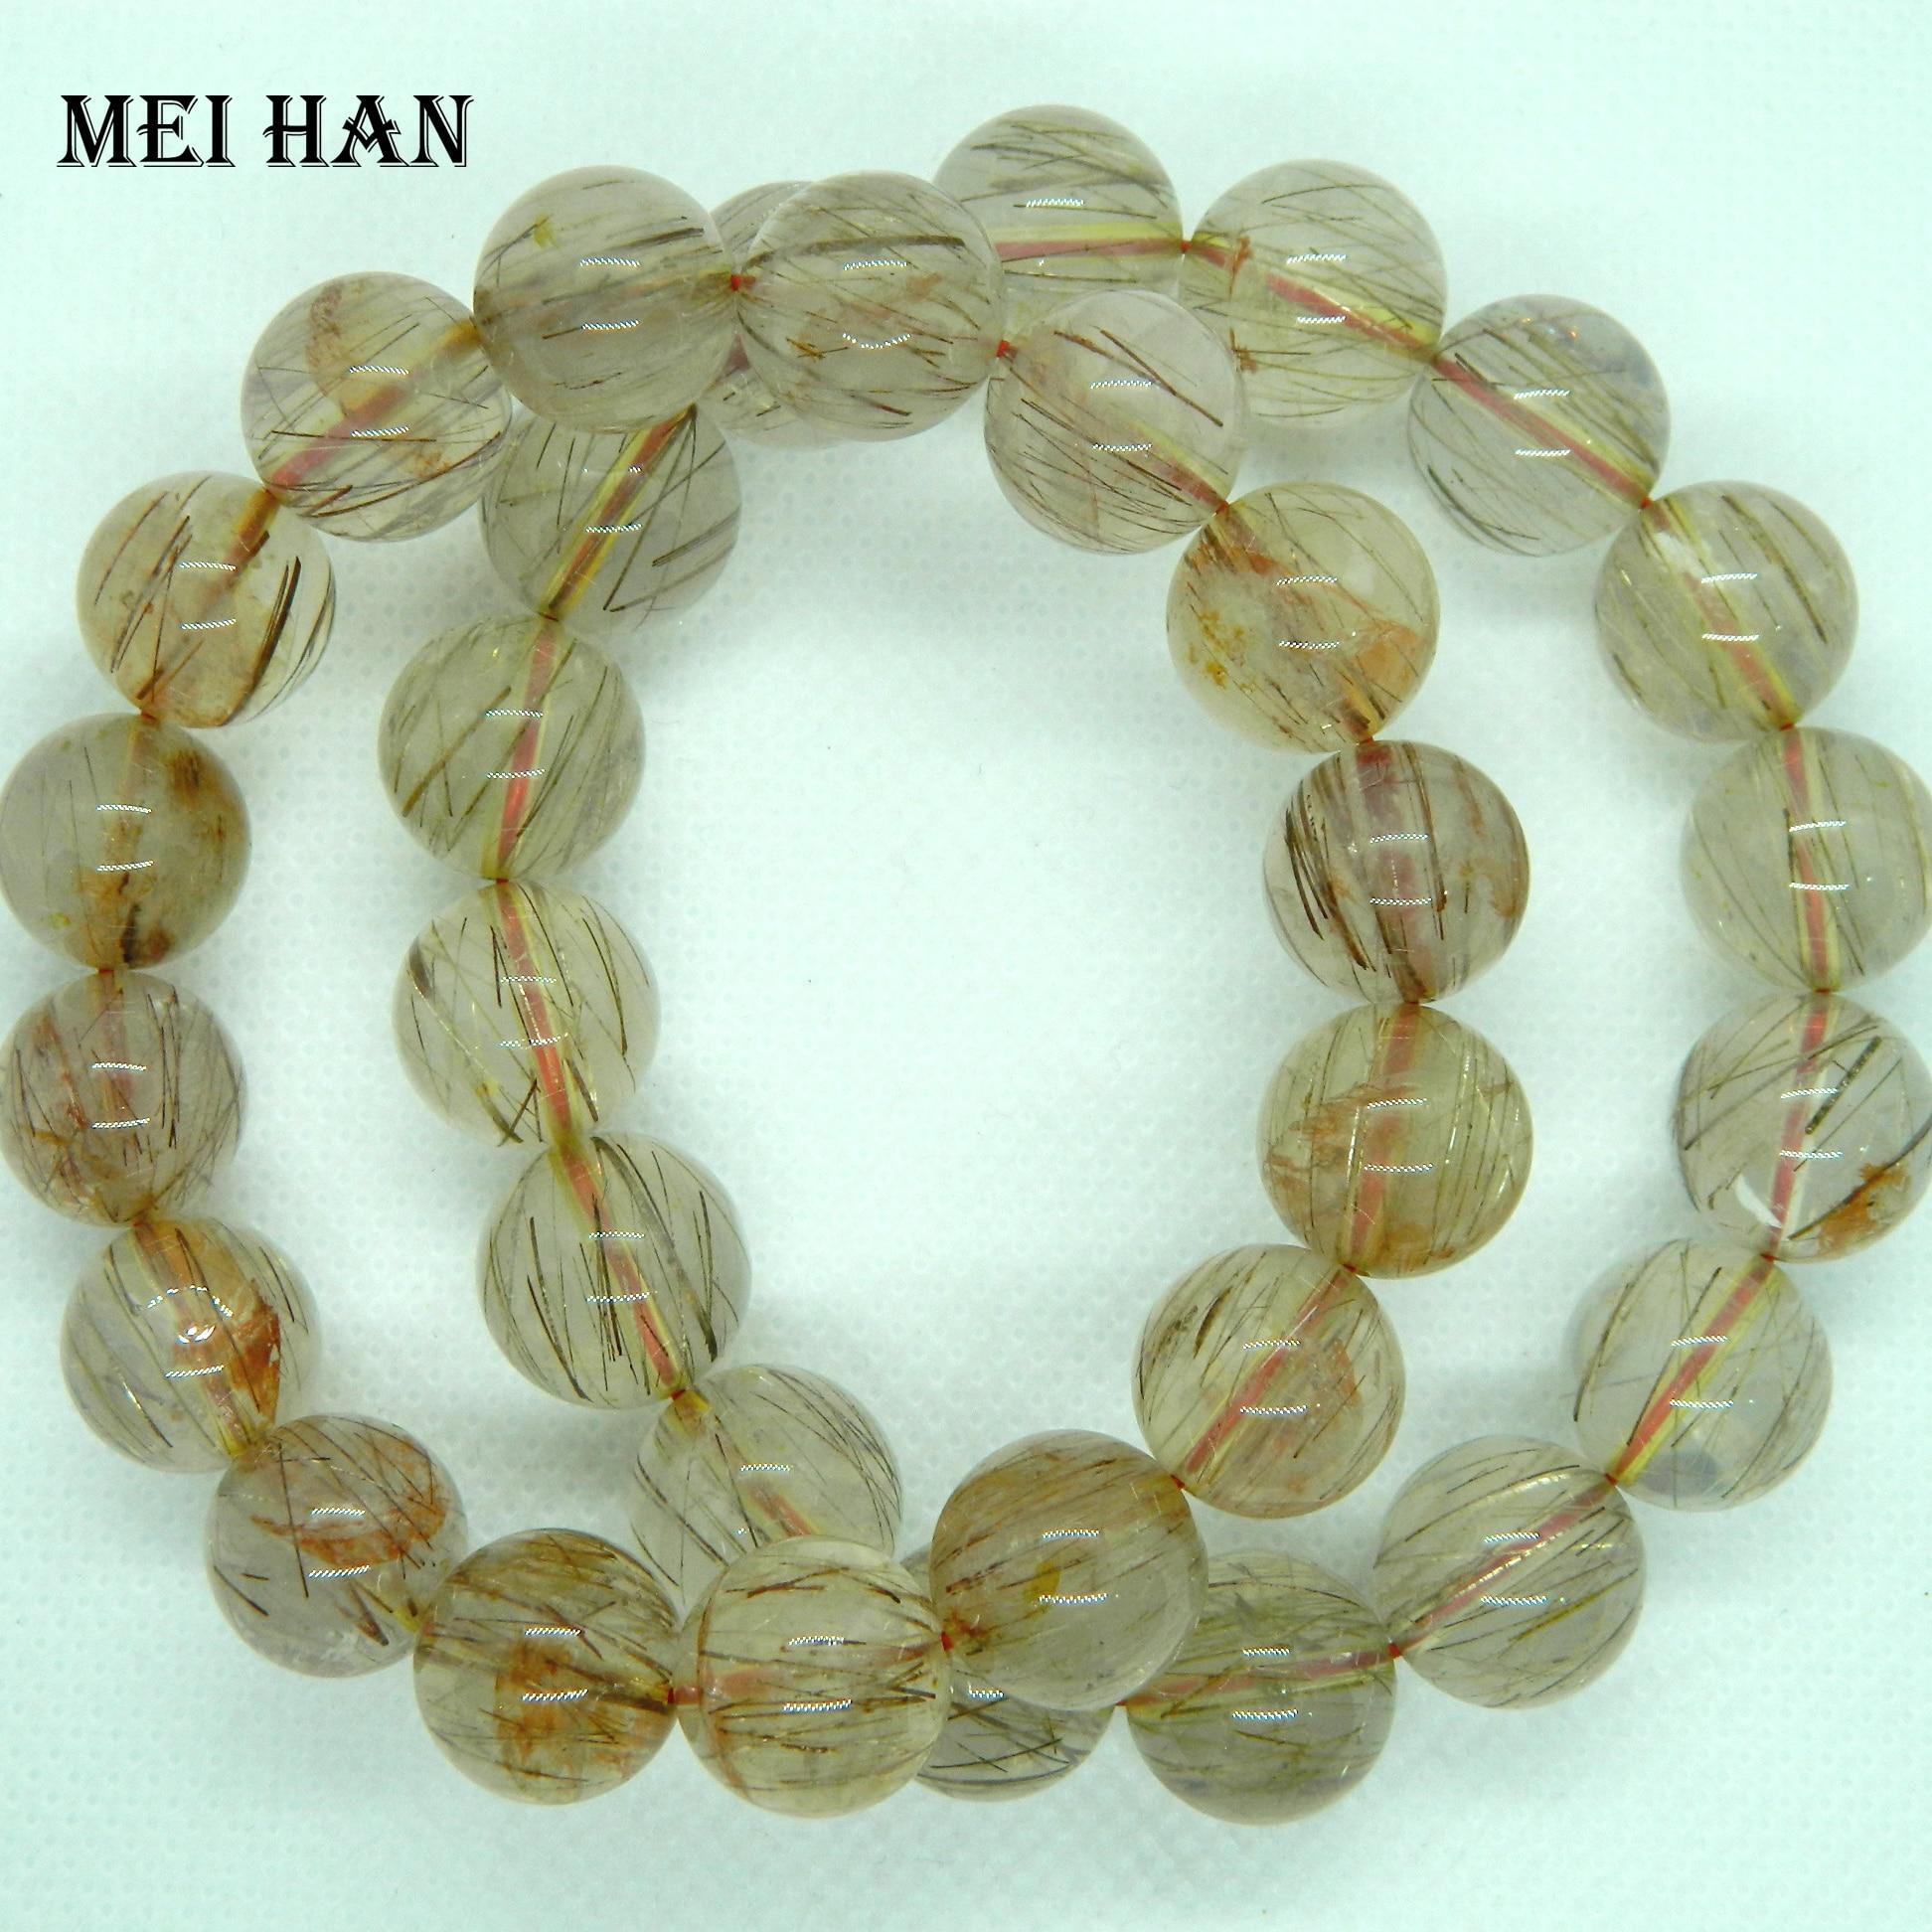 Meihan 자연 편도 루틸 쿼츠 13 13.5mm (30 beads/lot/95g) 쥬얼리 diy 여성용 팔찌 남성용 팔찌구슬쥬얼리 및 액세서리 -